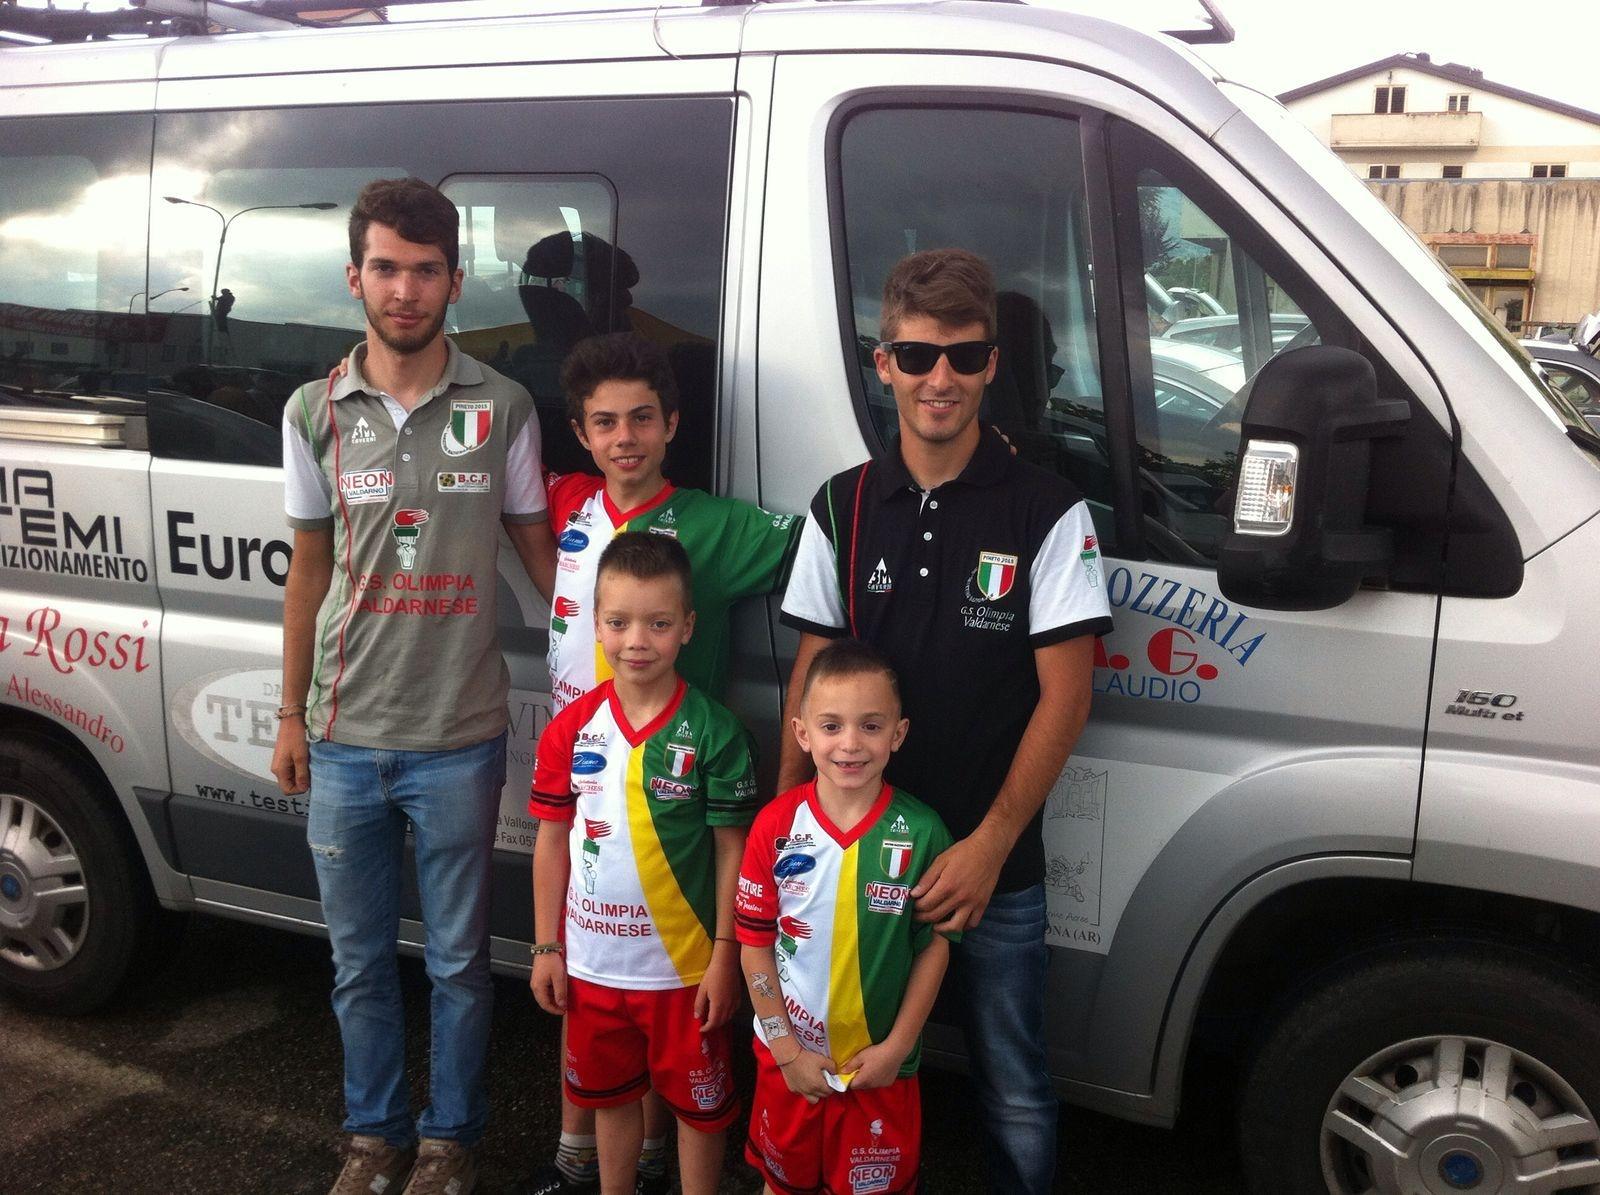 Ciclismo giovanissimi, a Rigutino vince ancora Tommaso Roggi